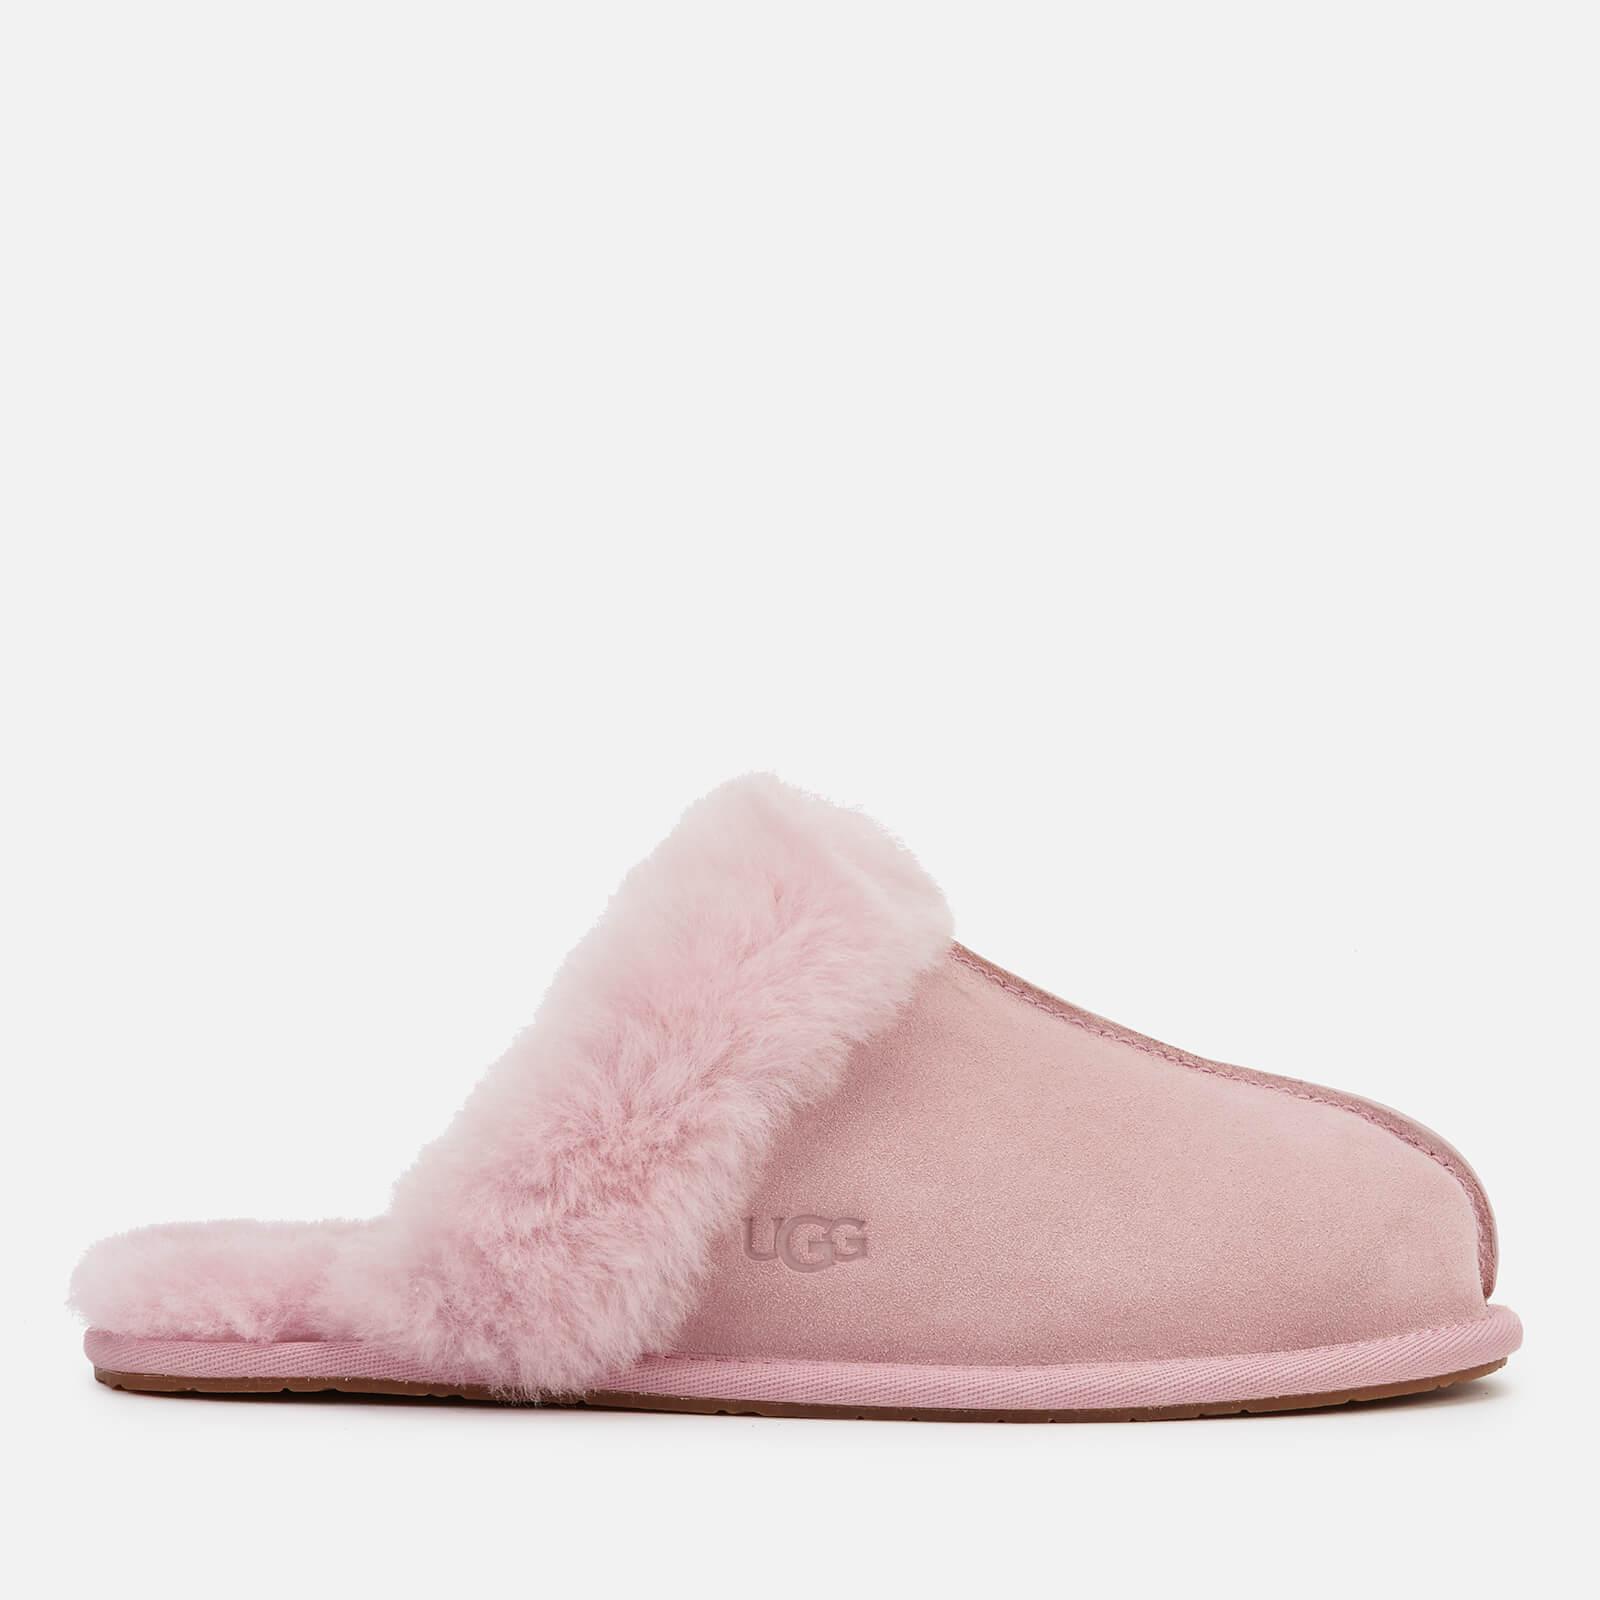 UGG Women's Scuffette II Slippers - Pink Crystal - UK 3